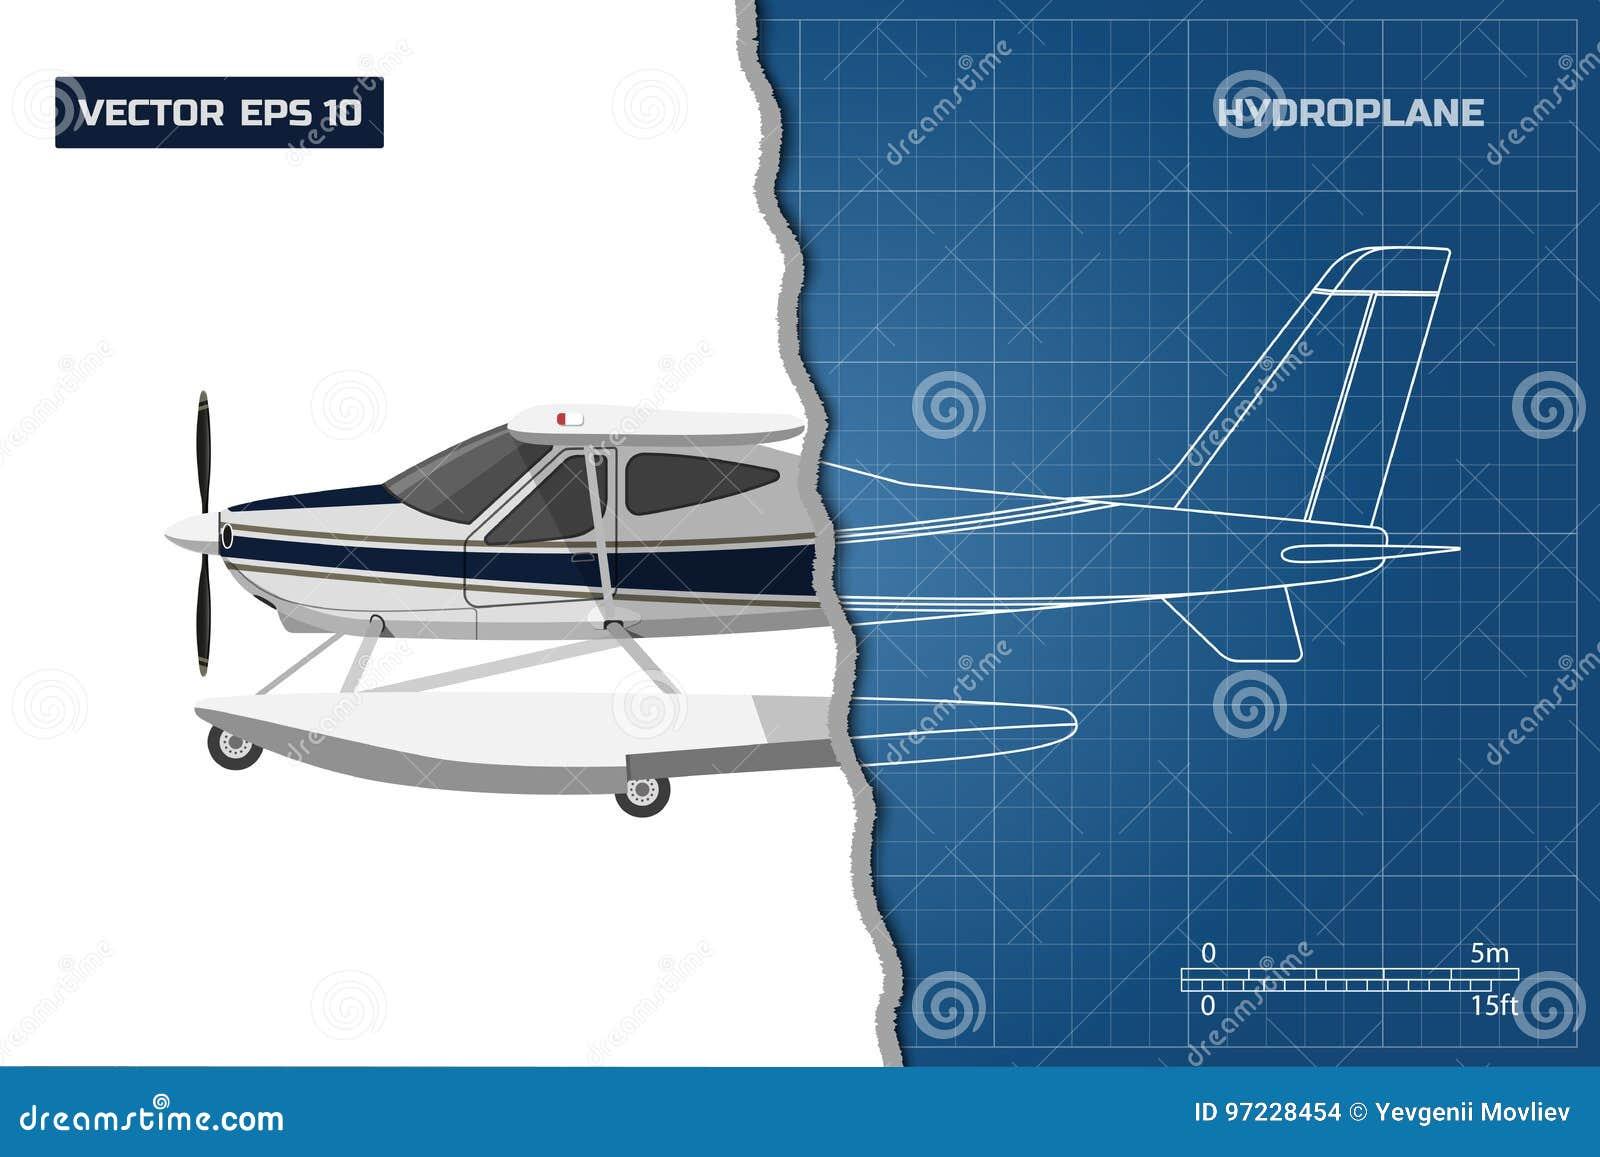 Techniekblauwdruk van vliegtuig Zijaanzicht van hydroplane Industriële tekening van vliegtuigen